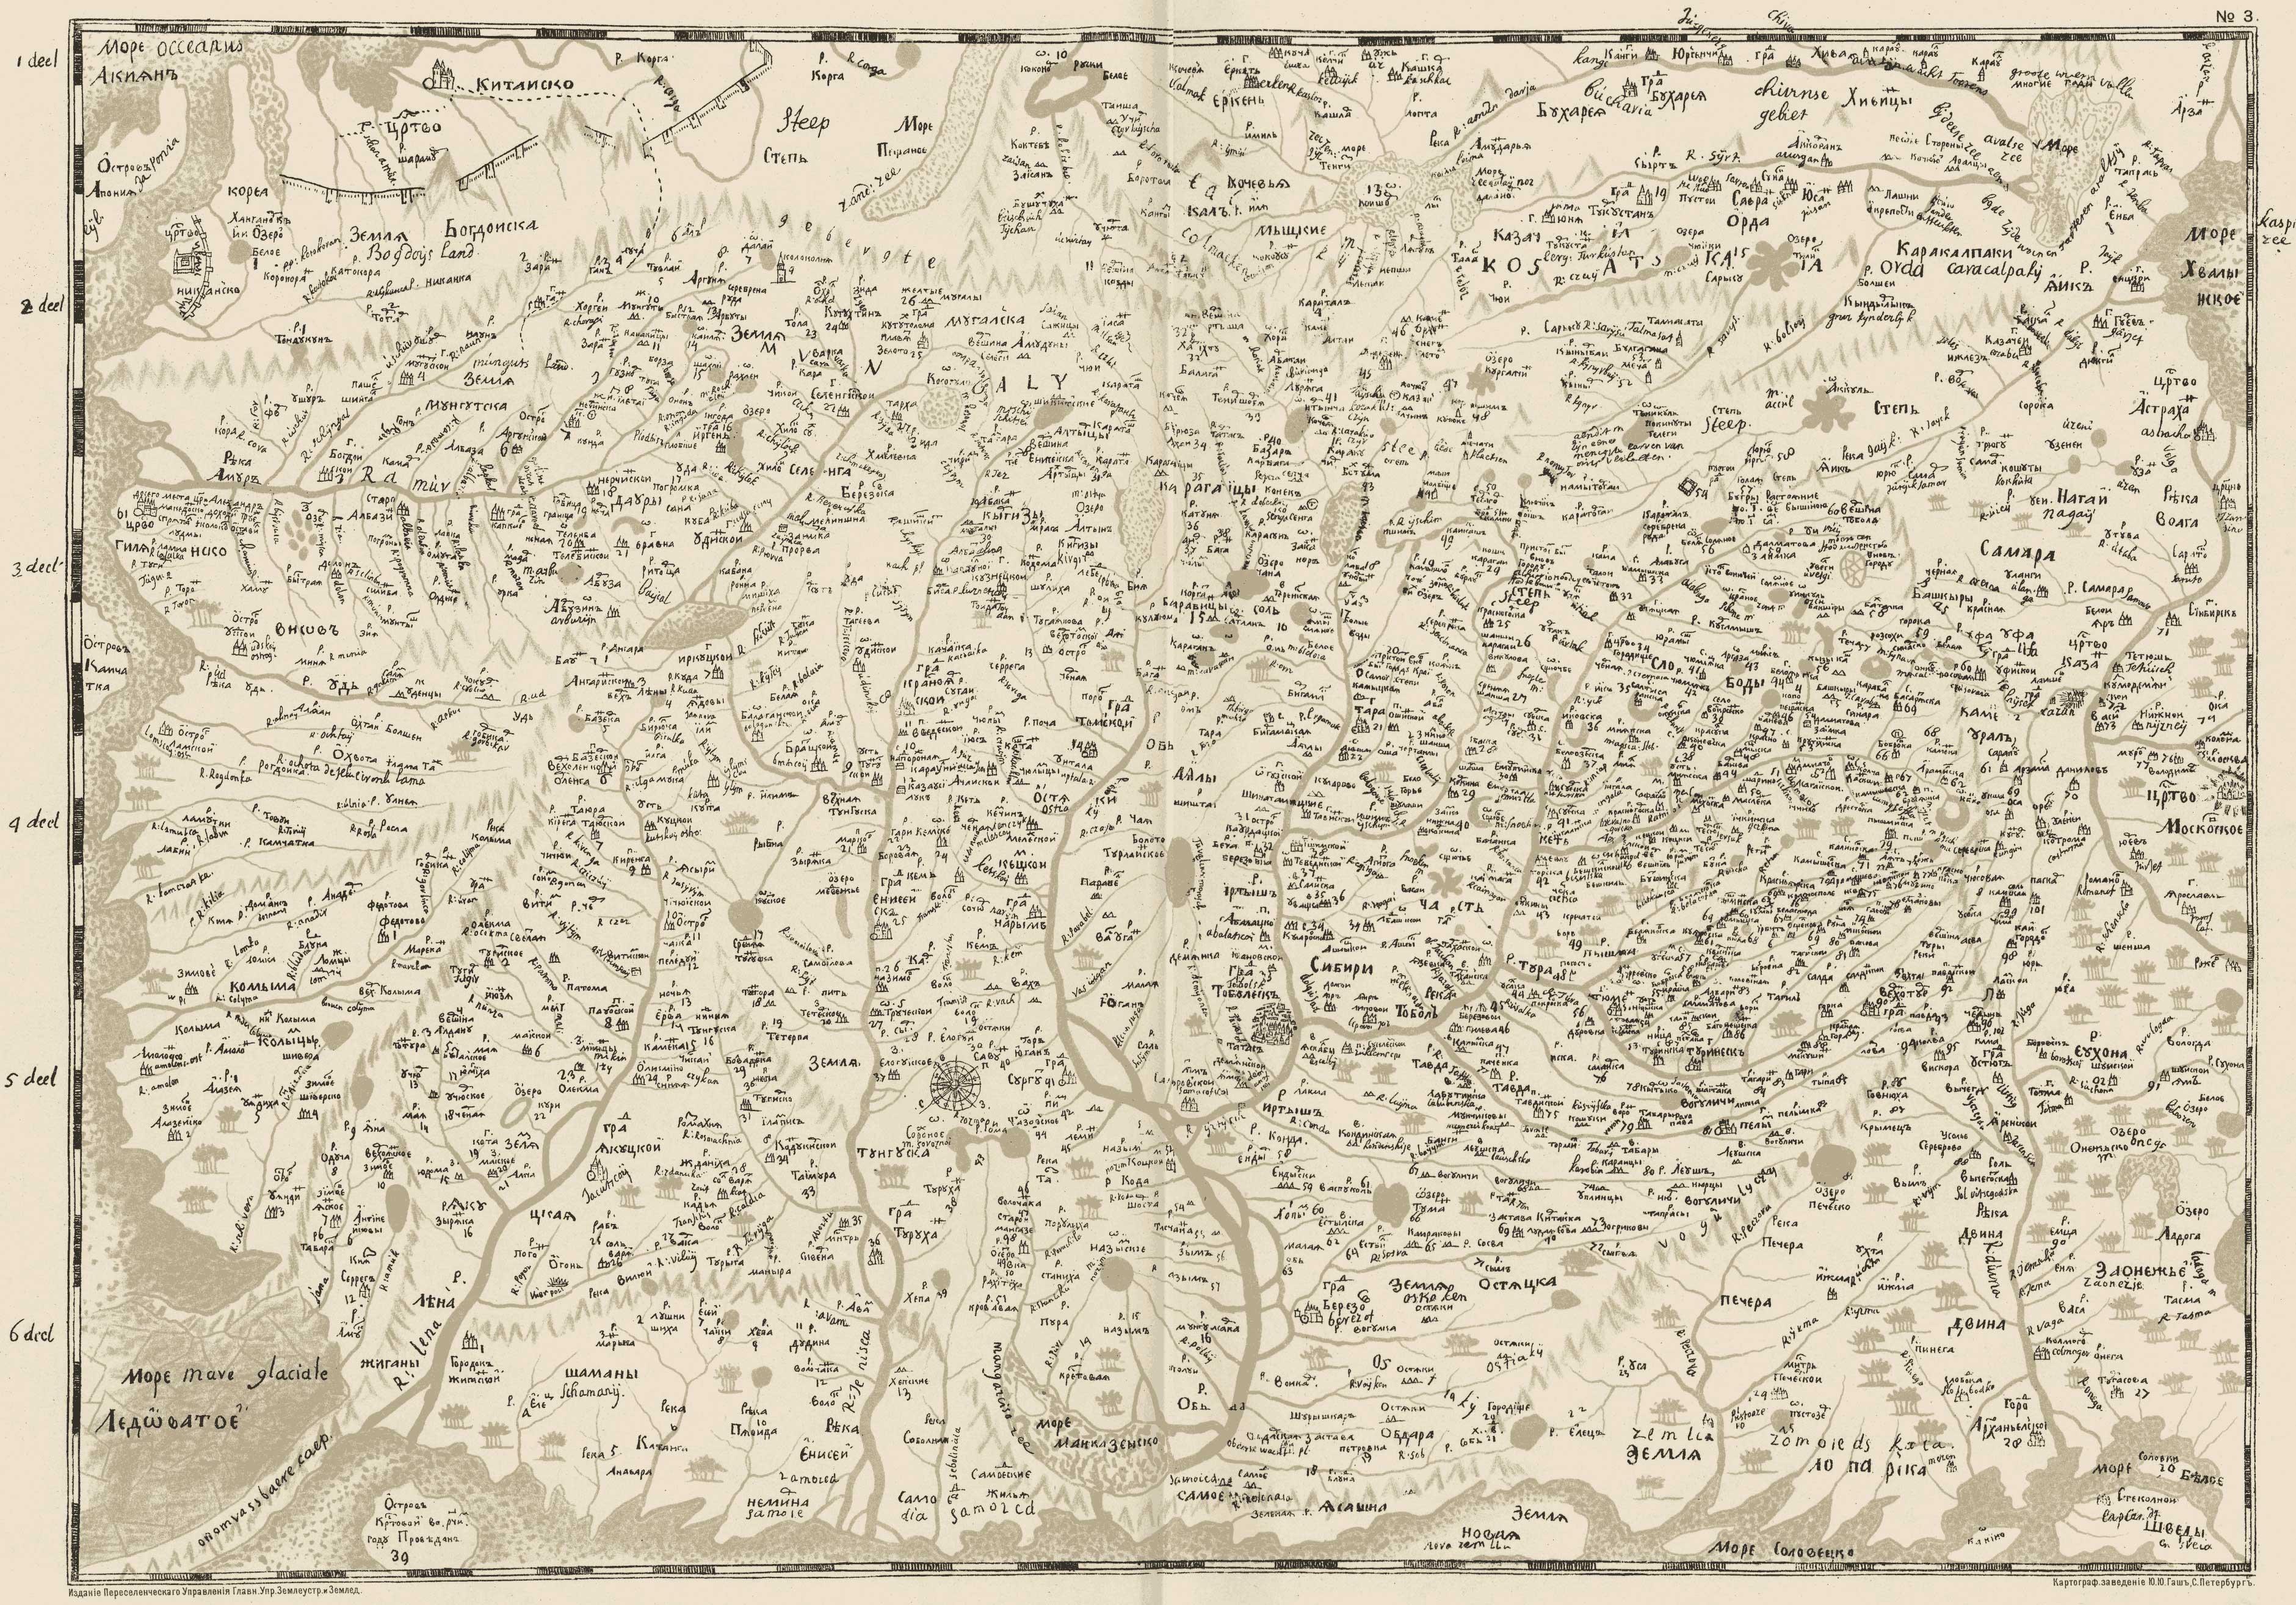 «Чертеж всех сибирских градов и земель», составленный С. Ремезовым б 1701 году. Чертеж ориентирован на юг (юг — наверху). На юго-западе — озеро Балхаш, море Аральское и Хвалынское (Каспийское). На севере — «земля Лопарская», «море Мангазейское» (Обская губа). На востоке — «остров Камчатка», южнее — река Амур с прмтоками. В юго-восточном углу карты за китайской стеной— «Китайское царство».